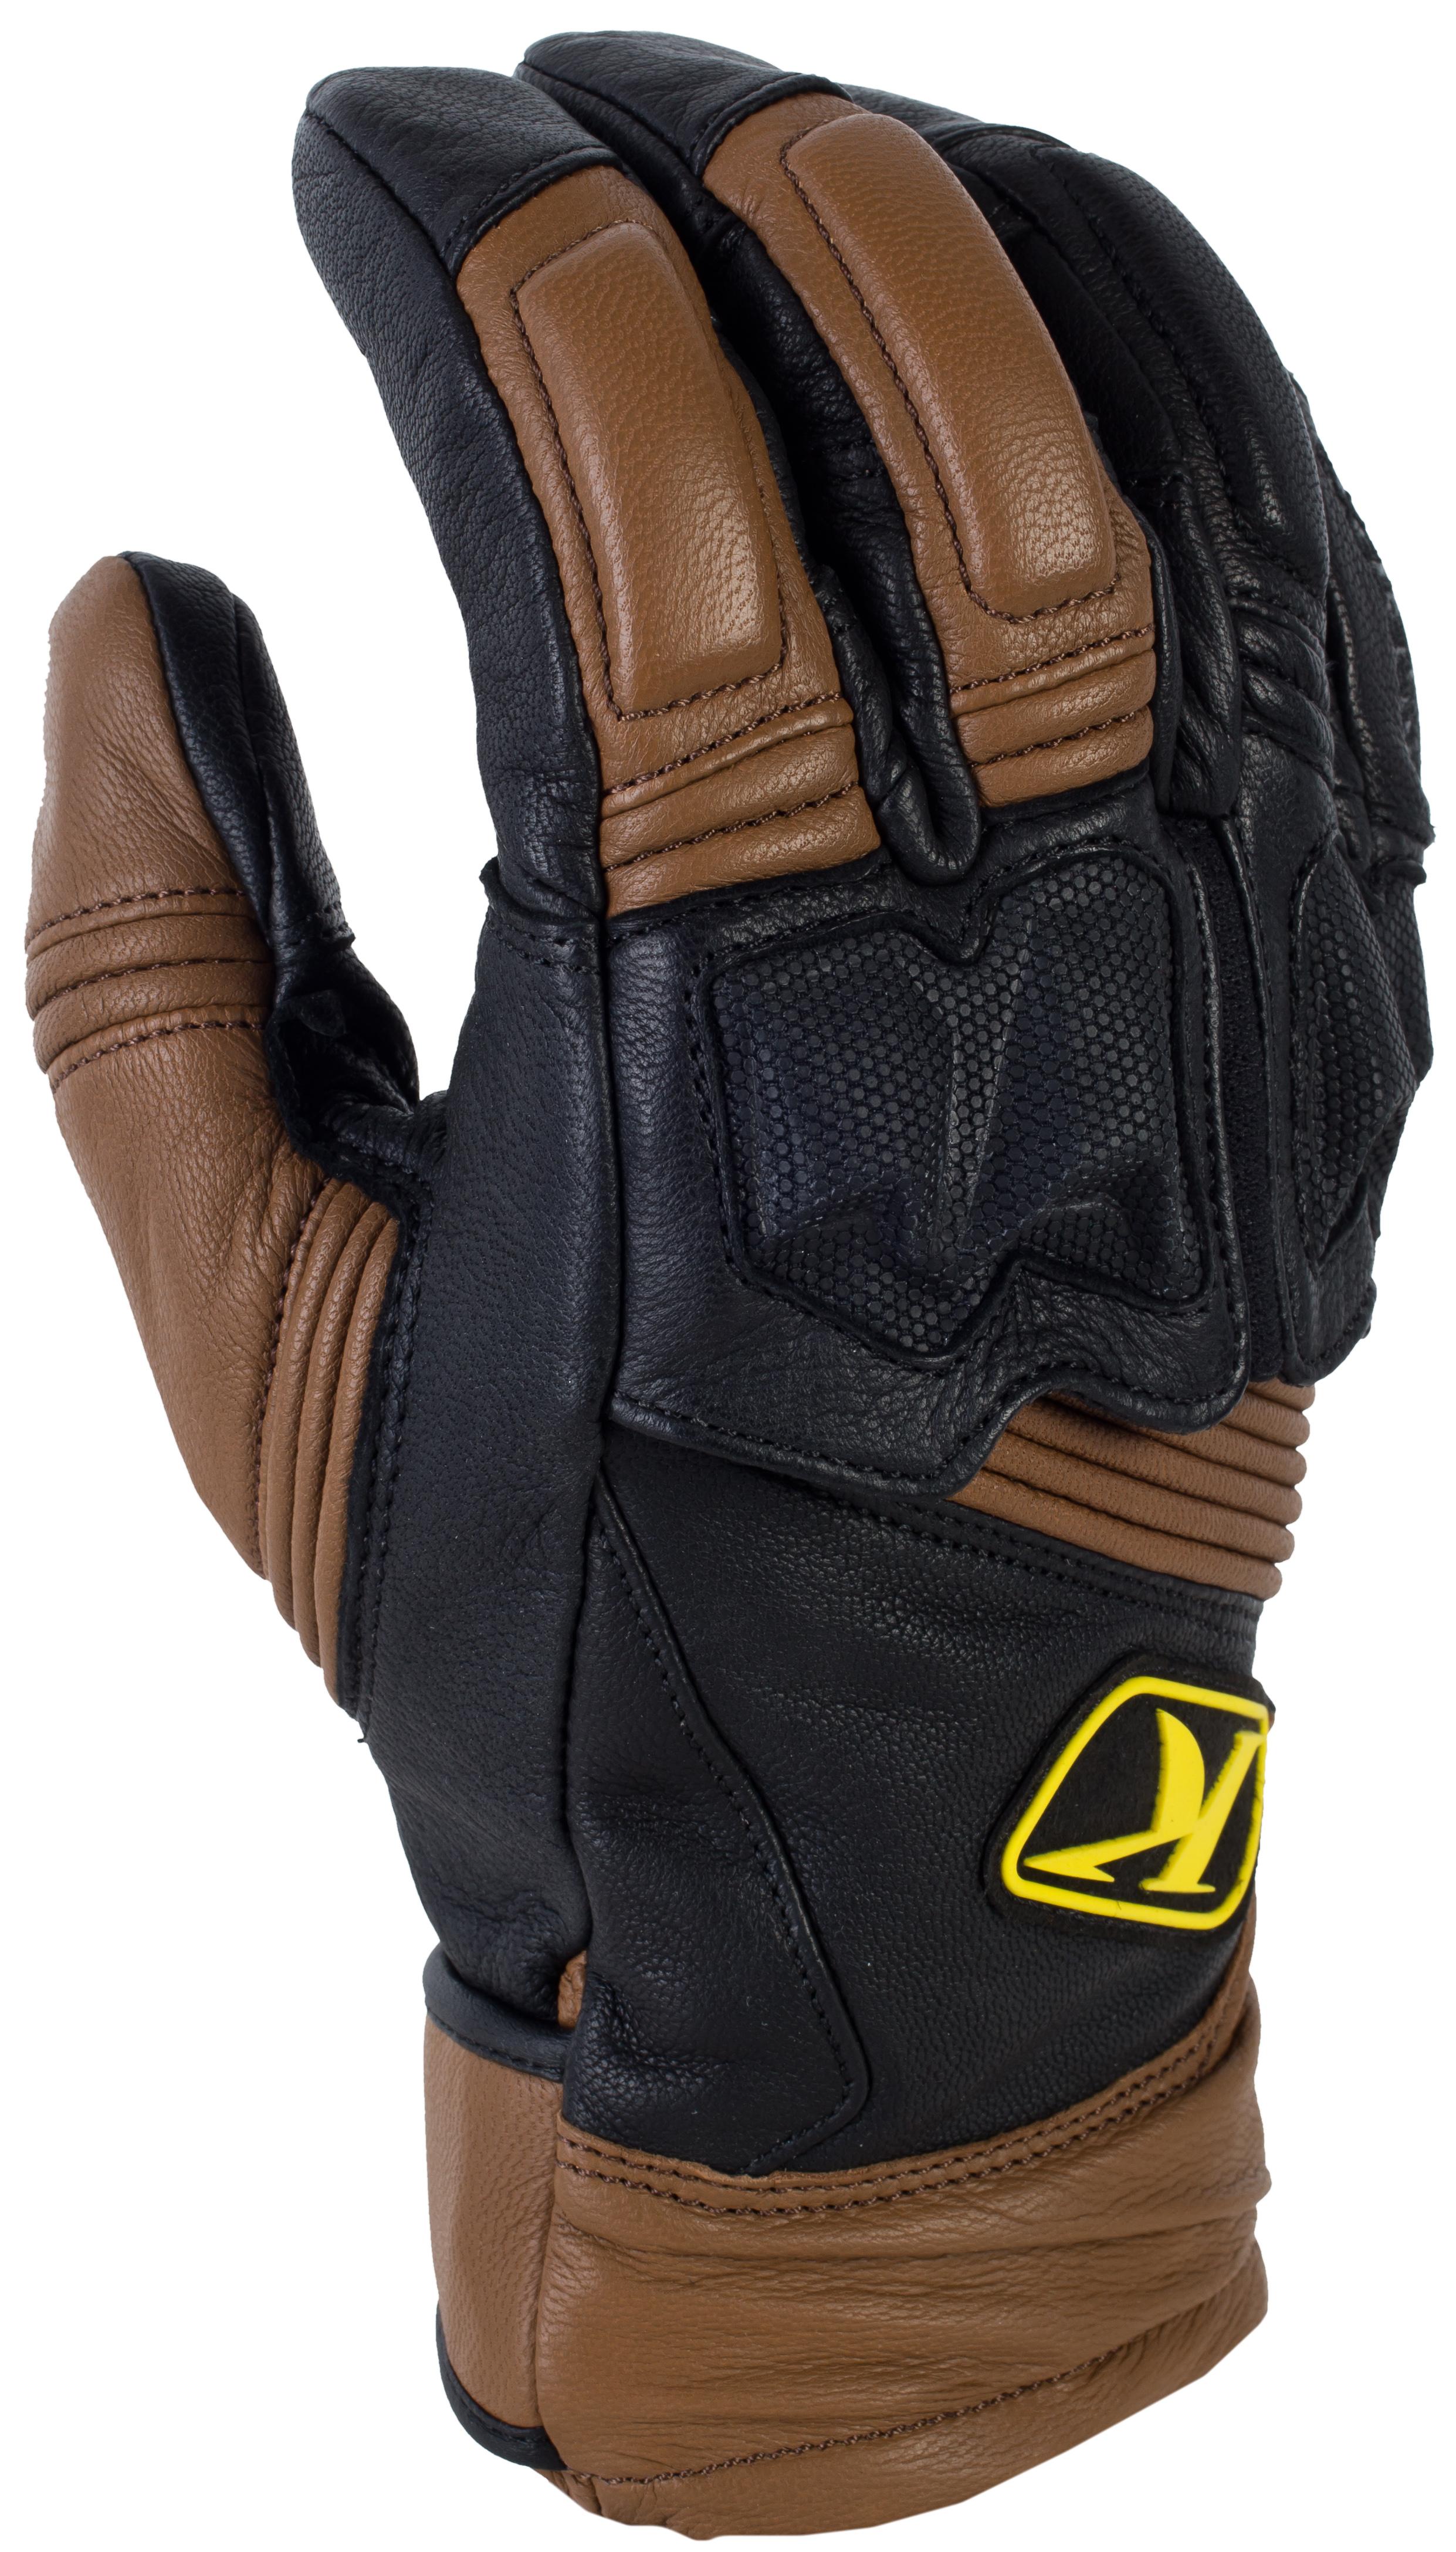 Adventure Glove Short 5031-001-900